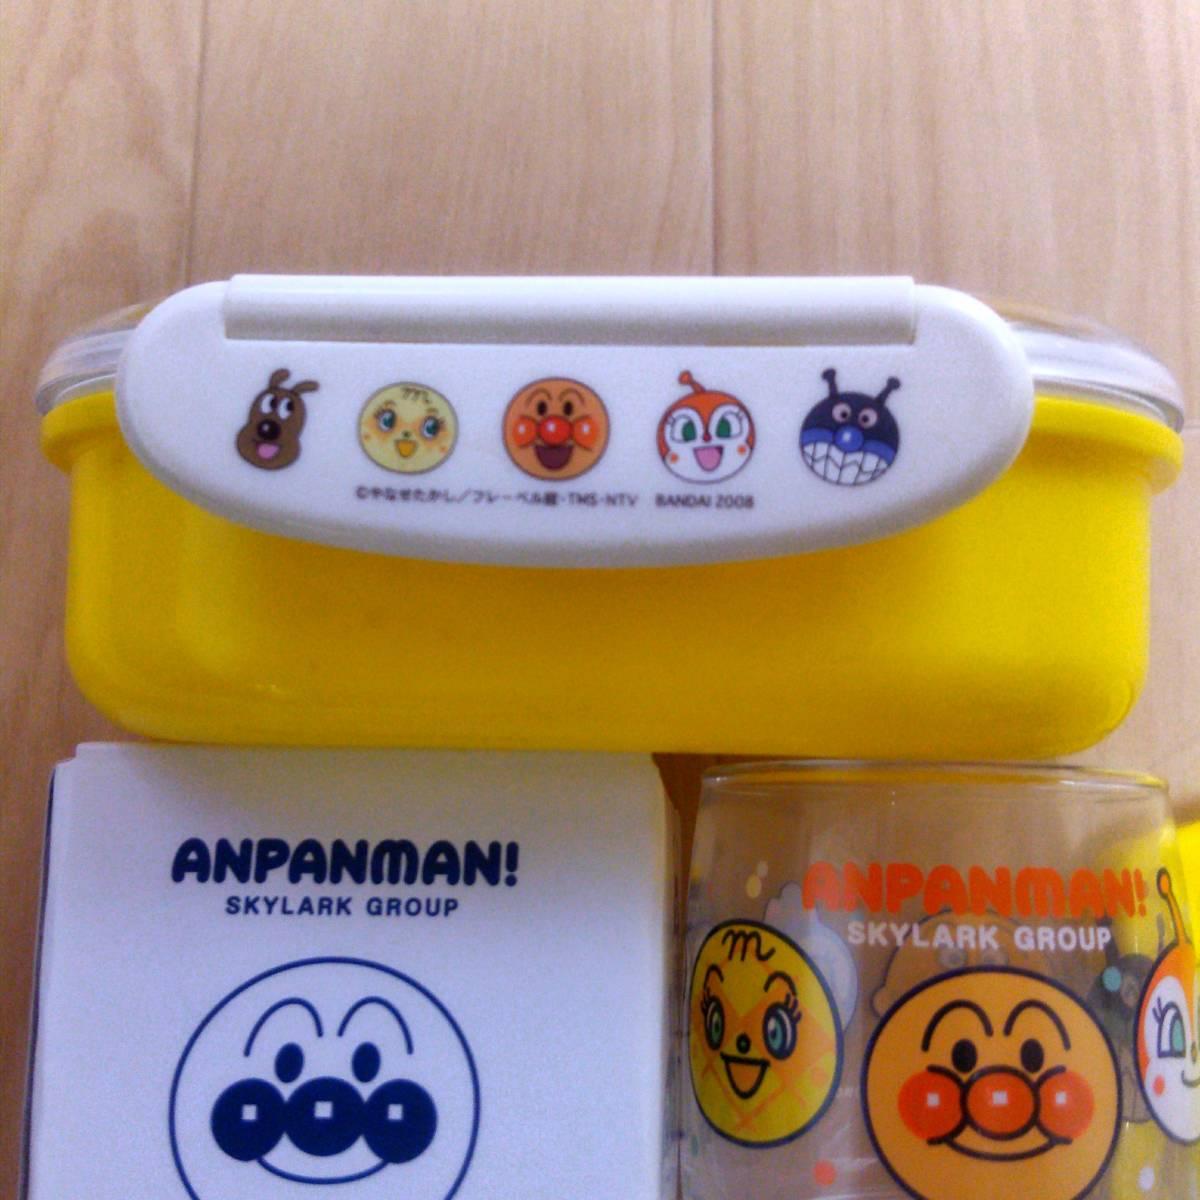 アンパンマン お弁当箱 フォーク スプーン ケース ※ミニグラスのみ新品_画像5